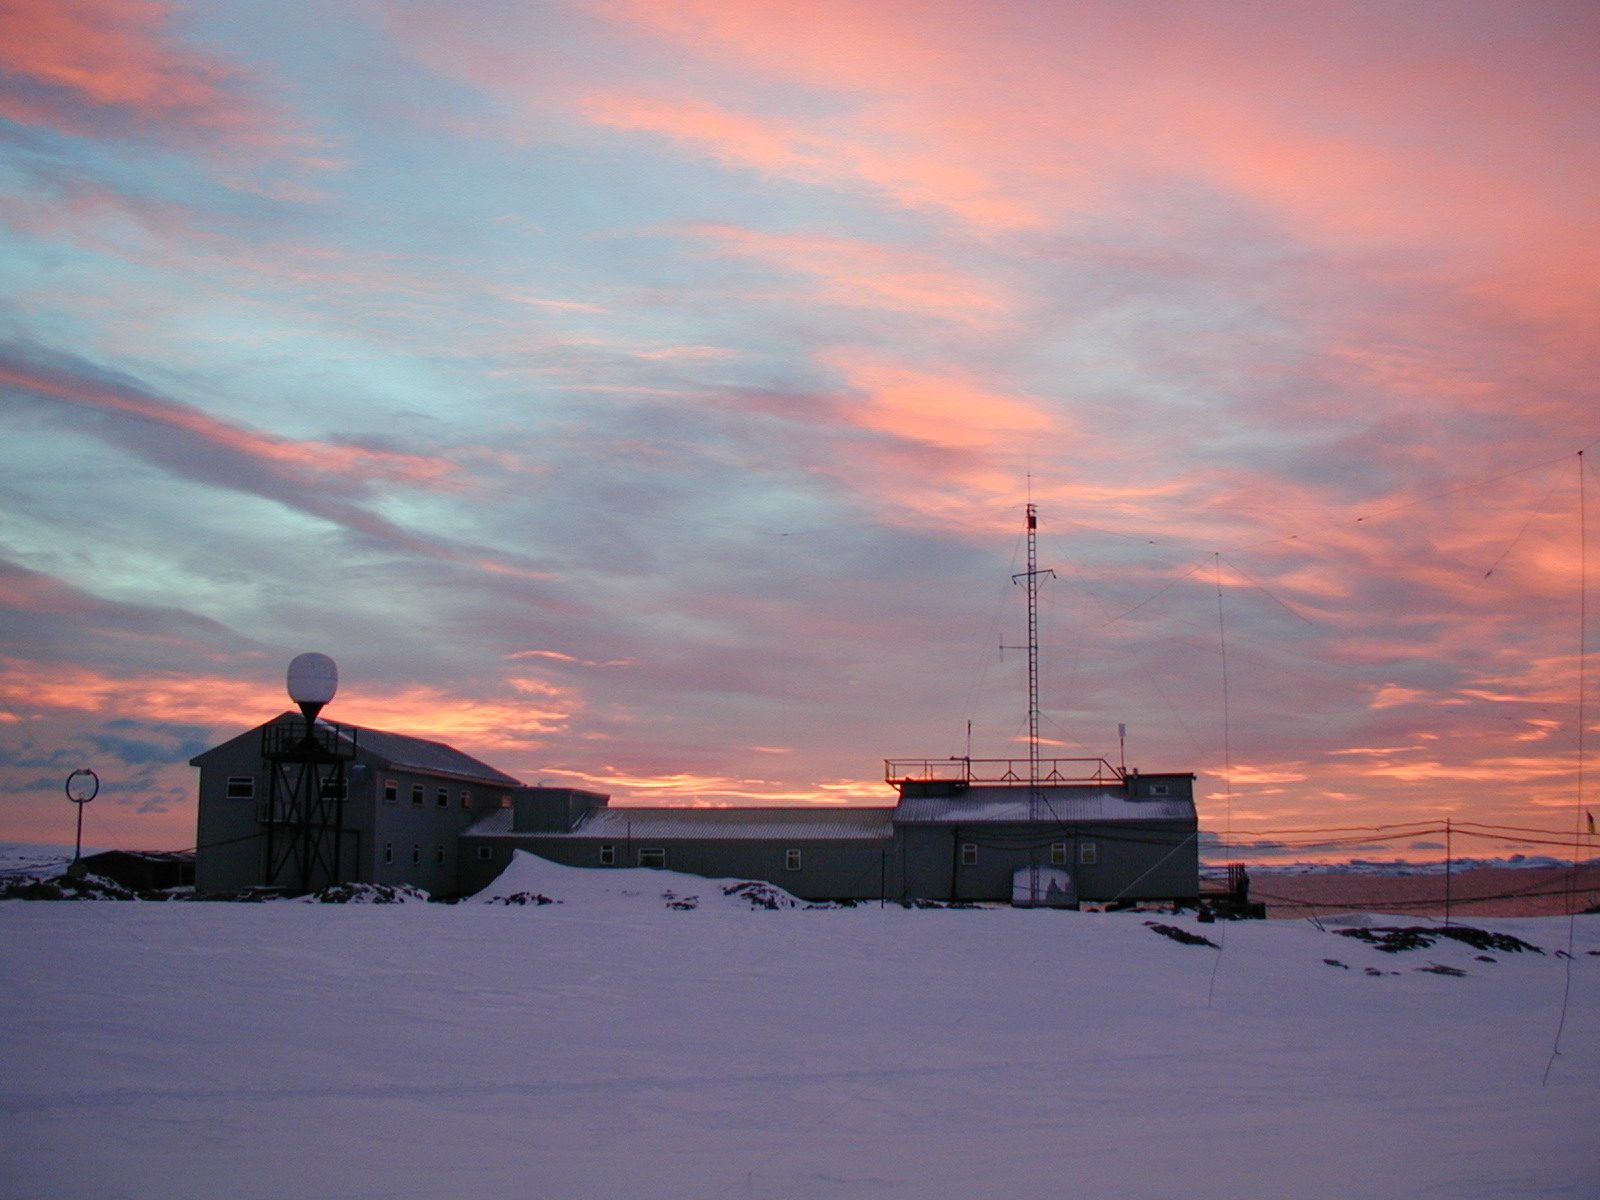 178 осіб подали документи на конкурс з відбору учасників XXIV антарктичної експедиції